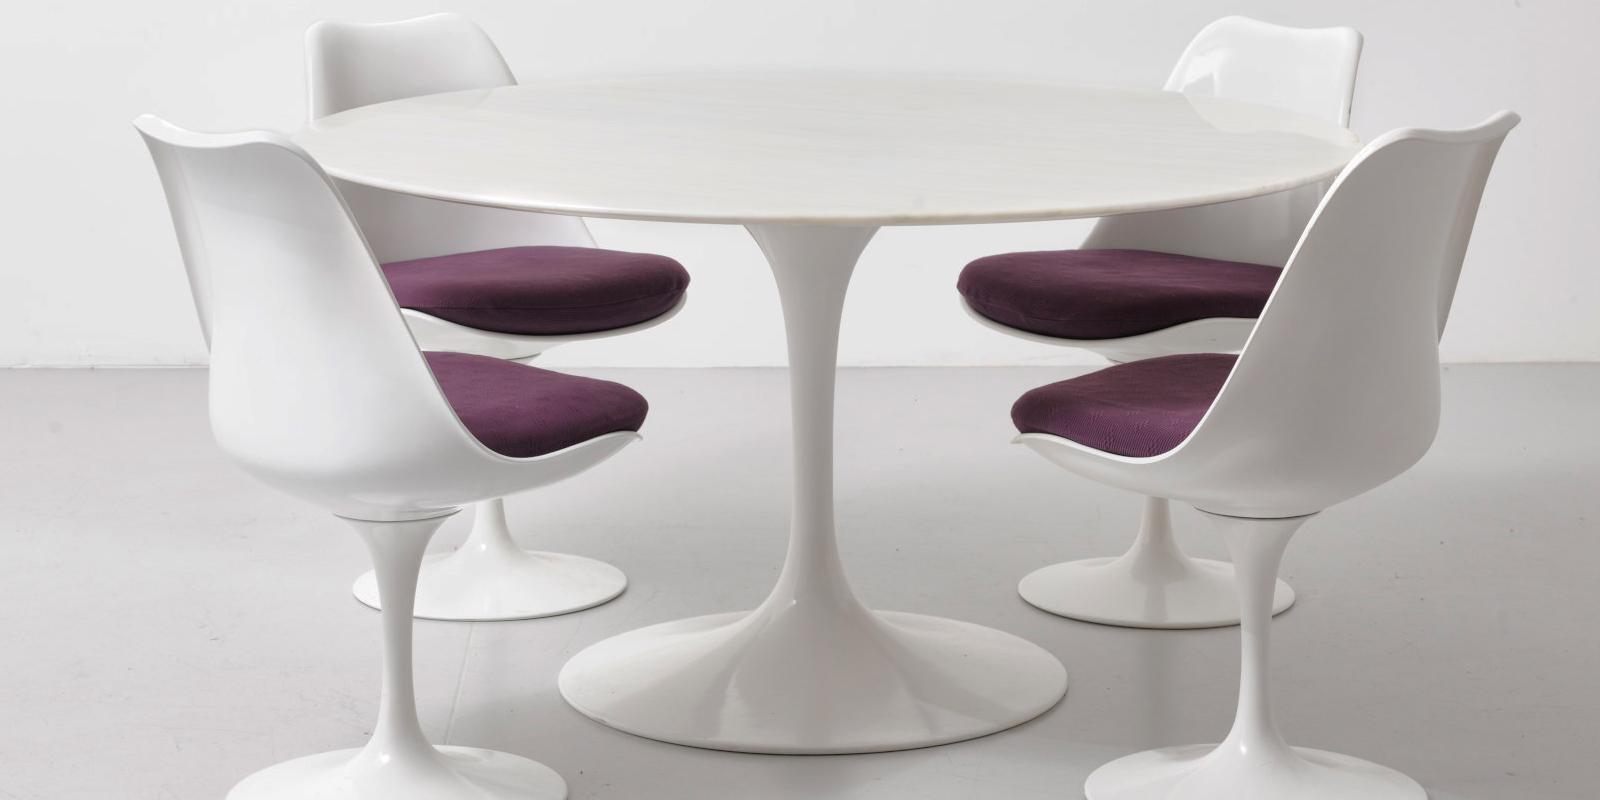 Miljøbilde av Saarinen rundt spisebord